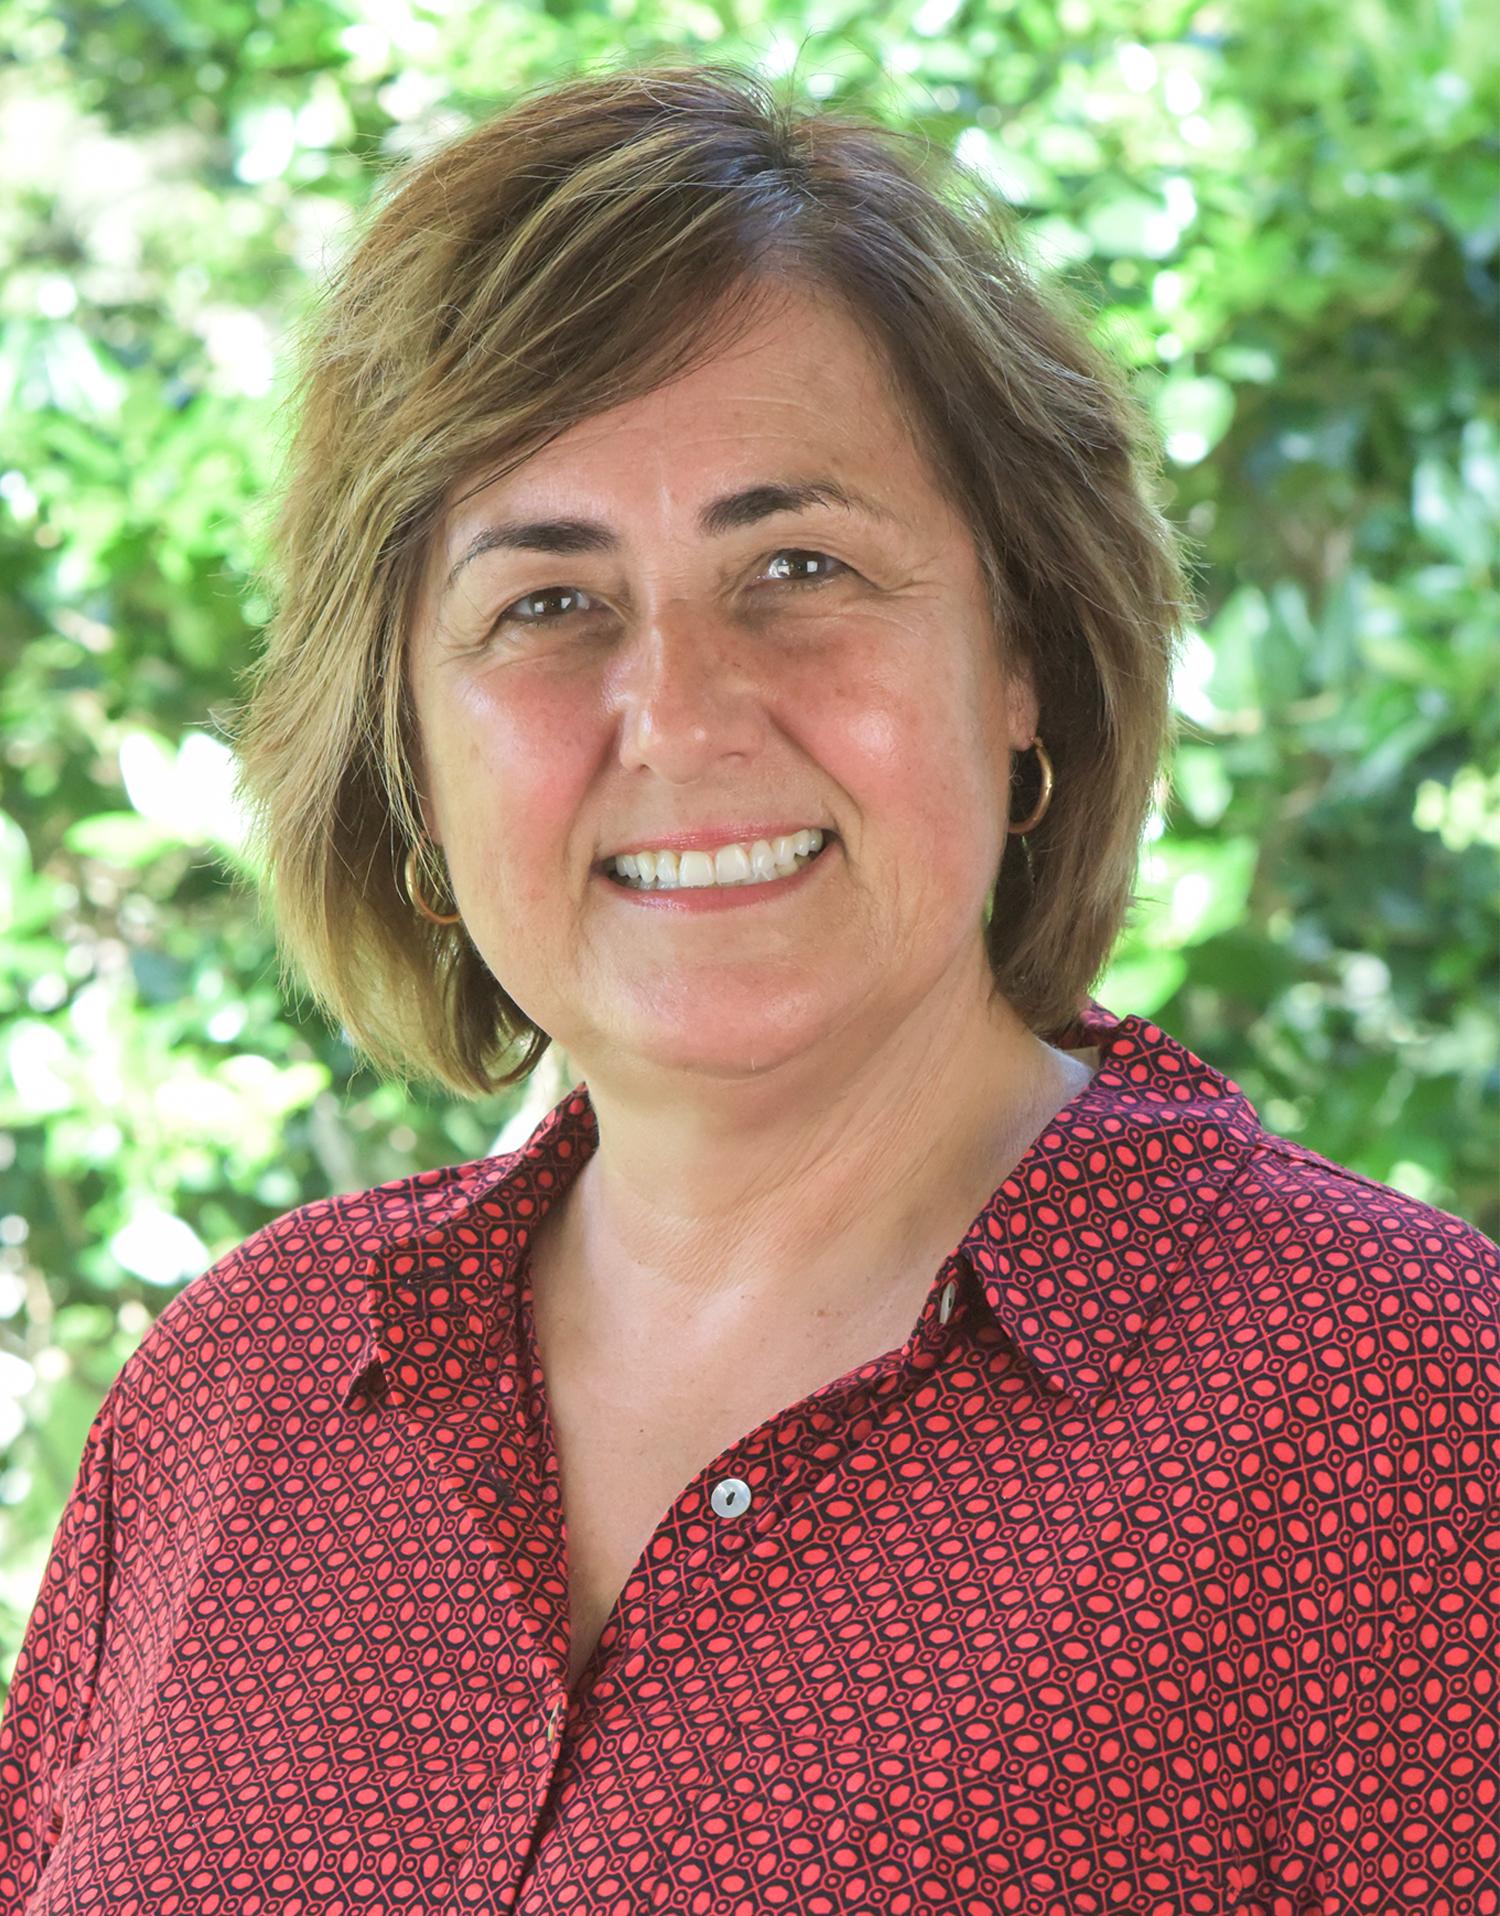 Dr. Elise Gruber